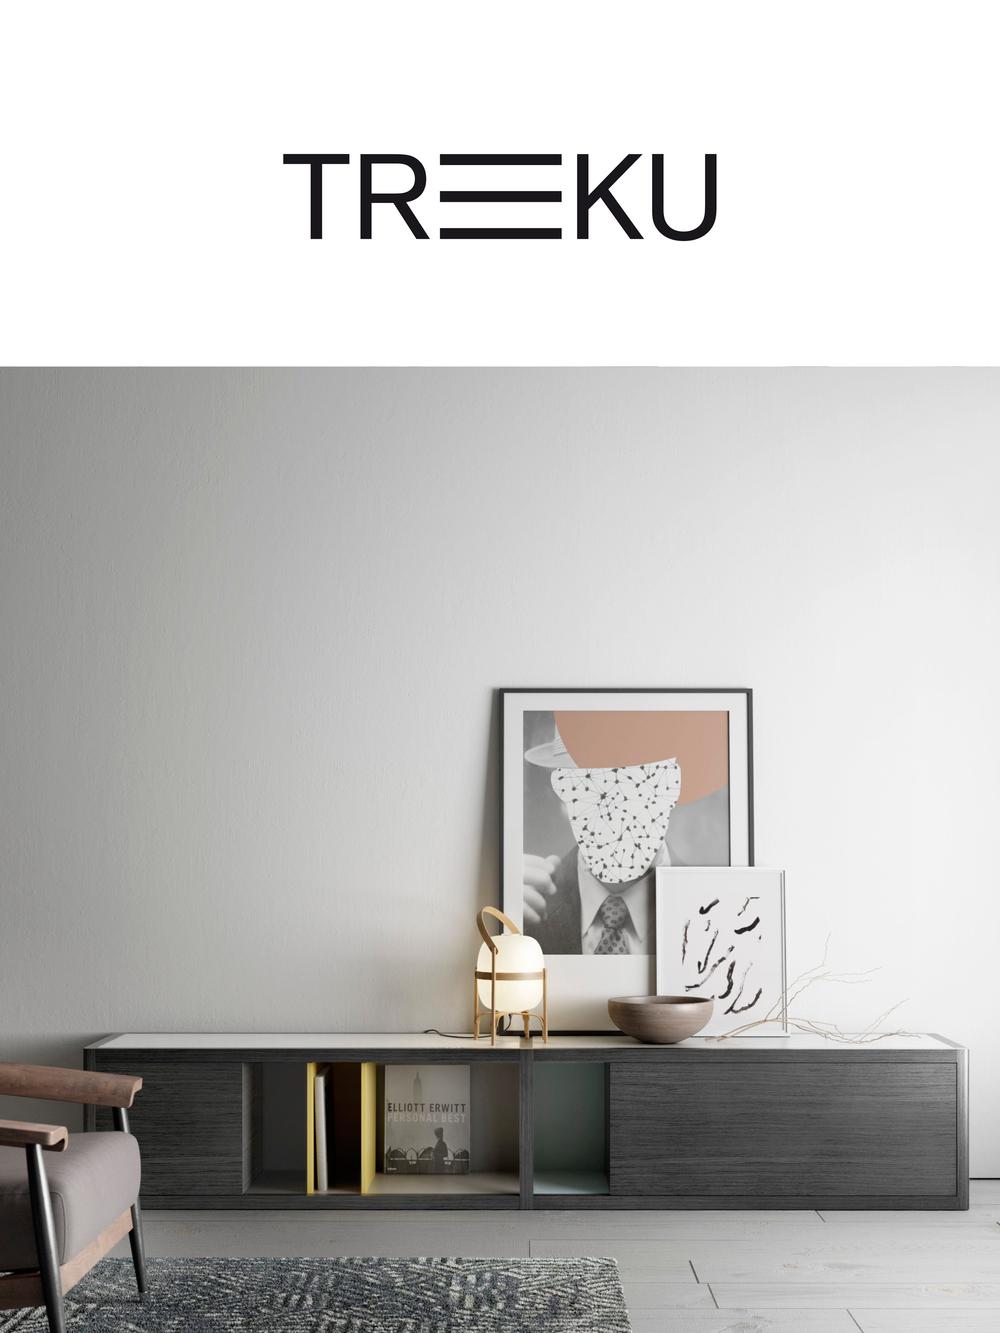 Modulspesialisten Treku kombinerer lang erfaring med moderne design og en solid dose ambisjoner.Resultatet plasserer Treku som en av nåtidensfremste spanske møbelprodusenter. Klikk på bildet for å se mer.